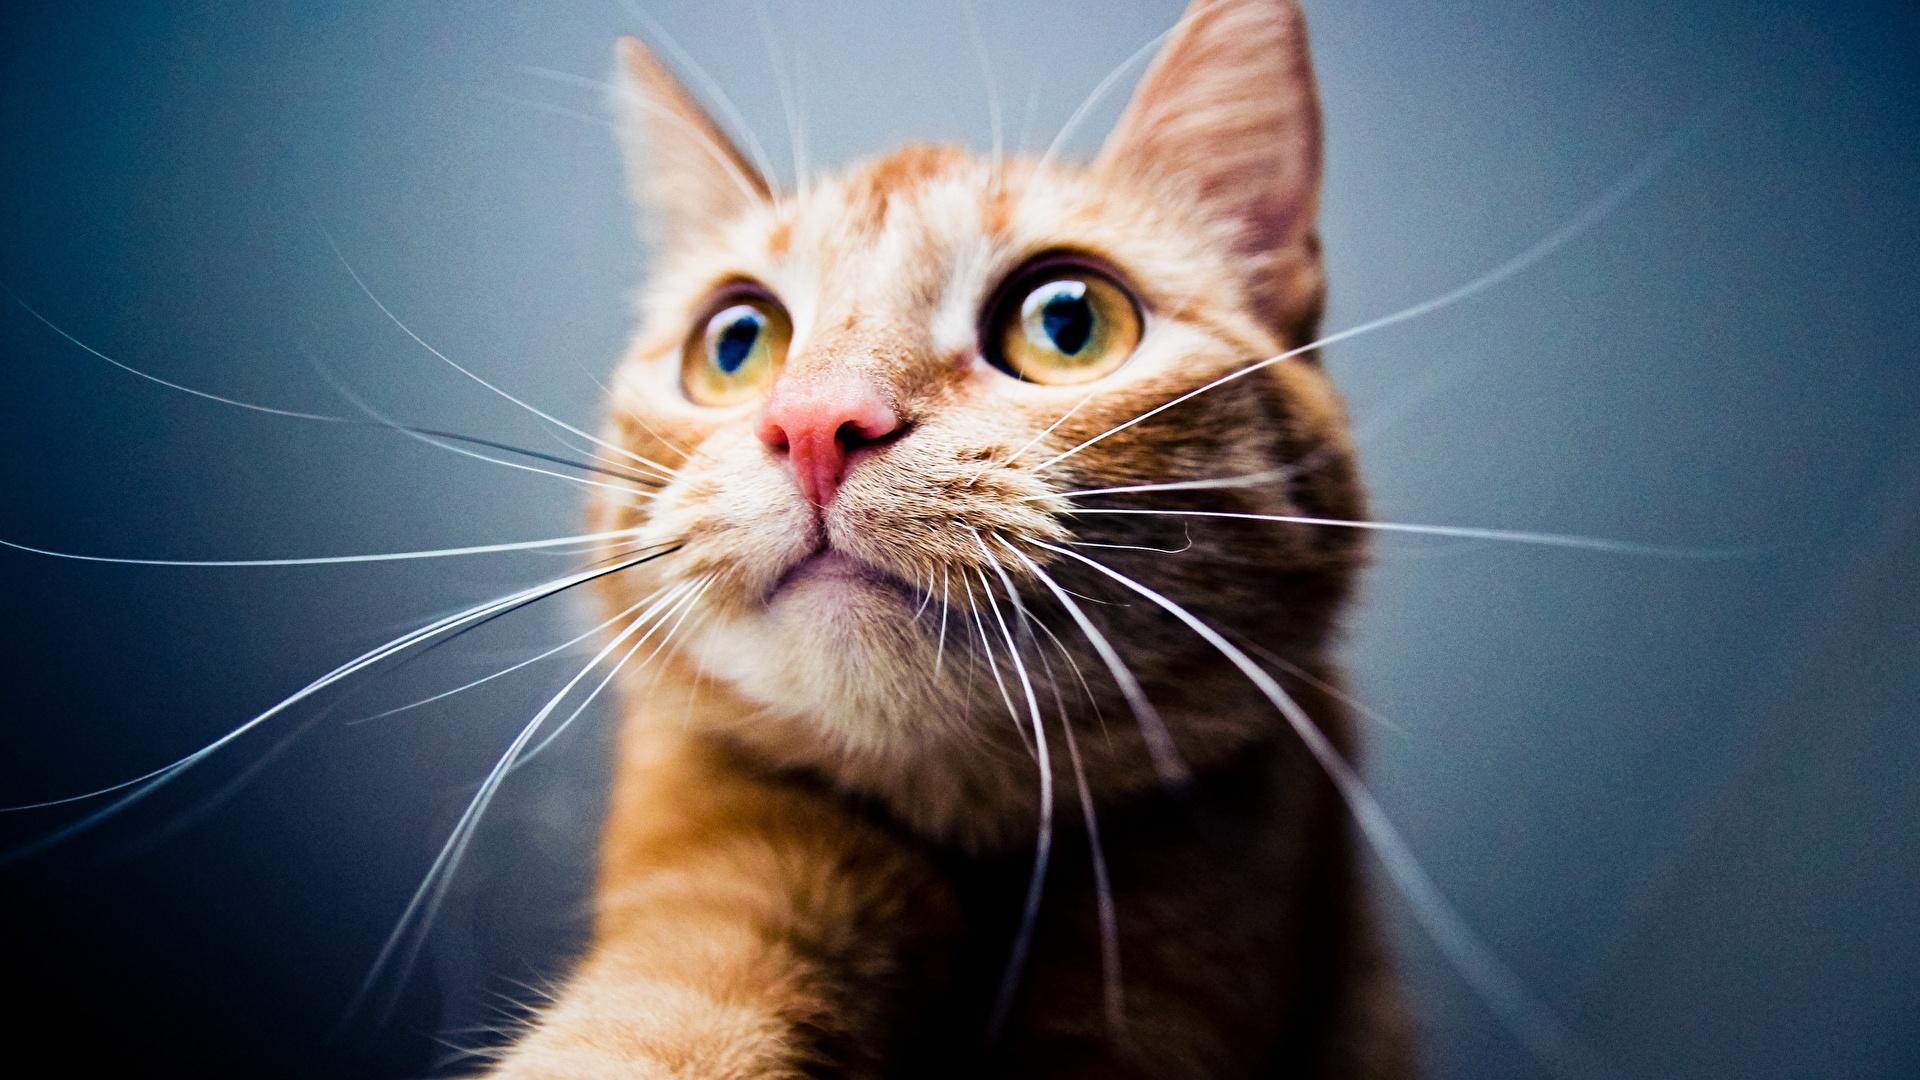 Картинки кошка Усы Вибриссы морды Голова смотрят животное 1920x1080 кот коты Кошки Морда головы Взгляд смотрит Животные